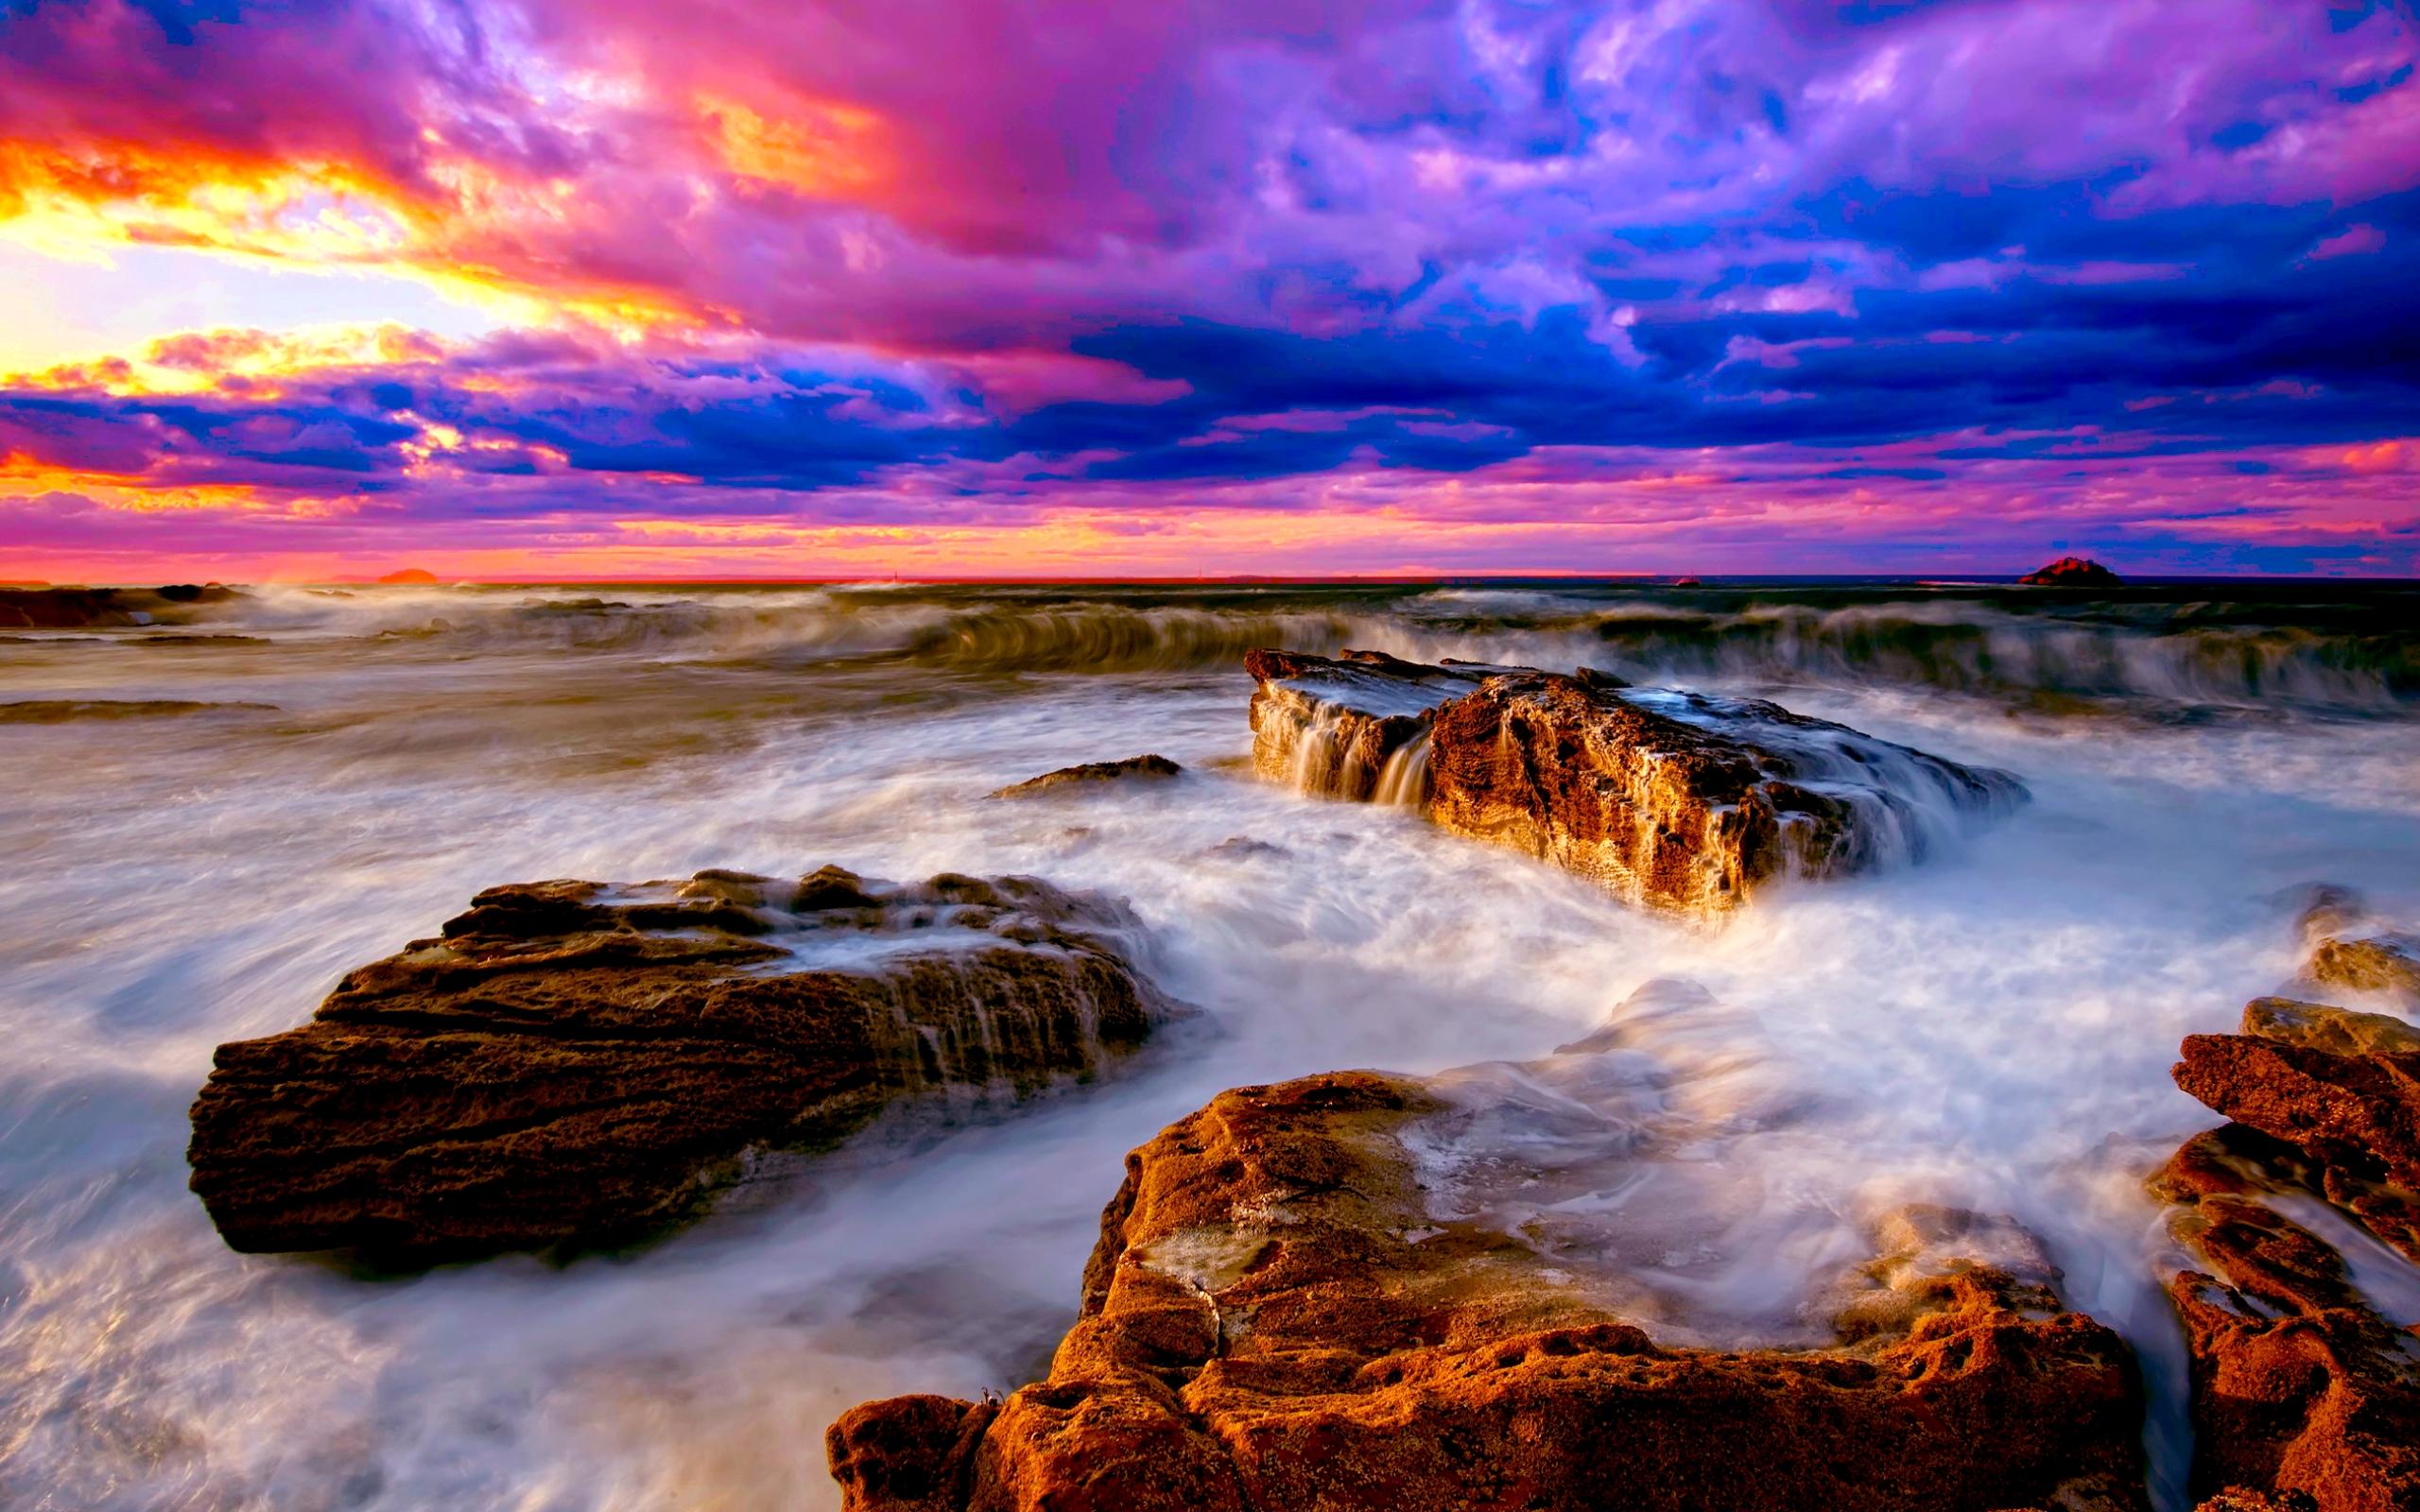 Cloud Background Desktop Pictures chillcovercom Colorful Cloud 2560x1600